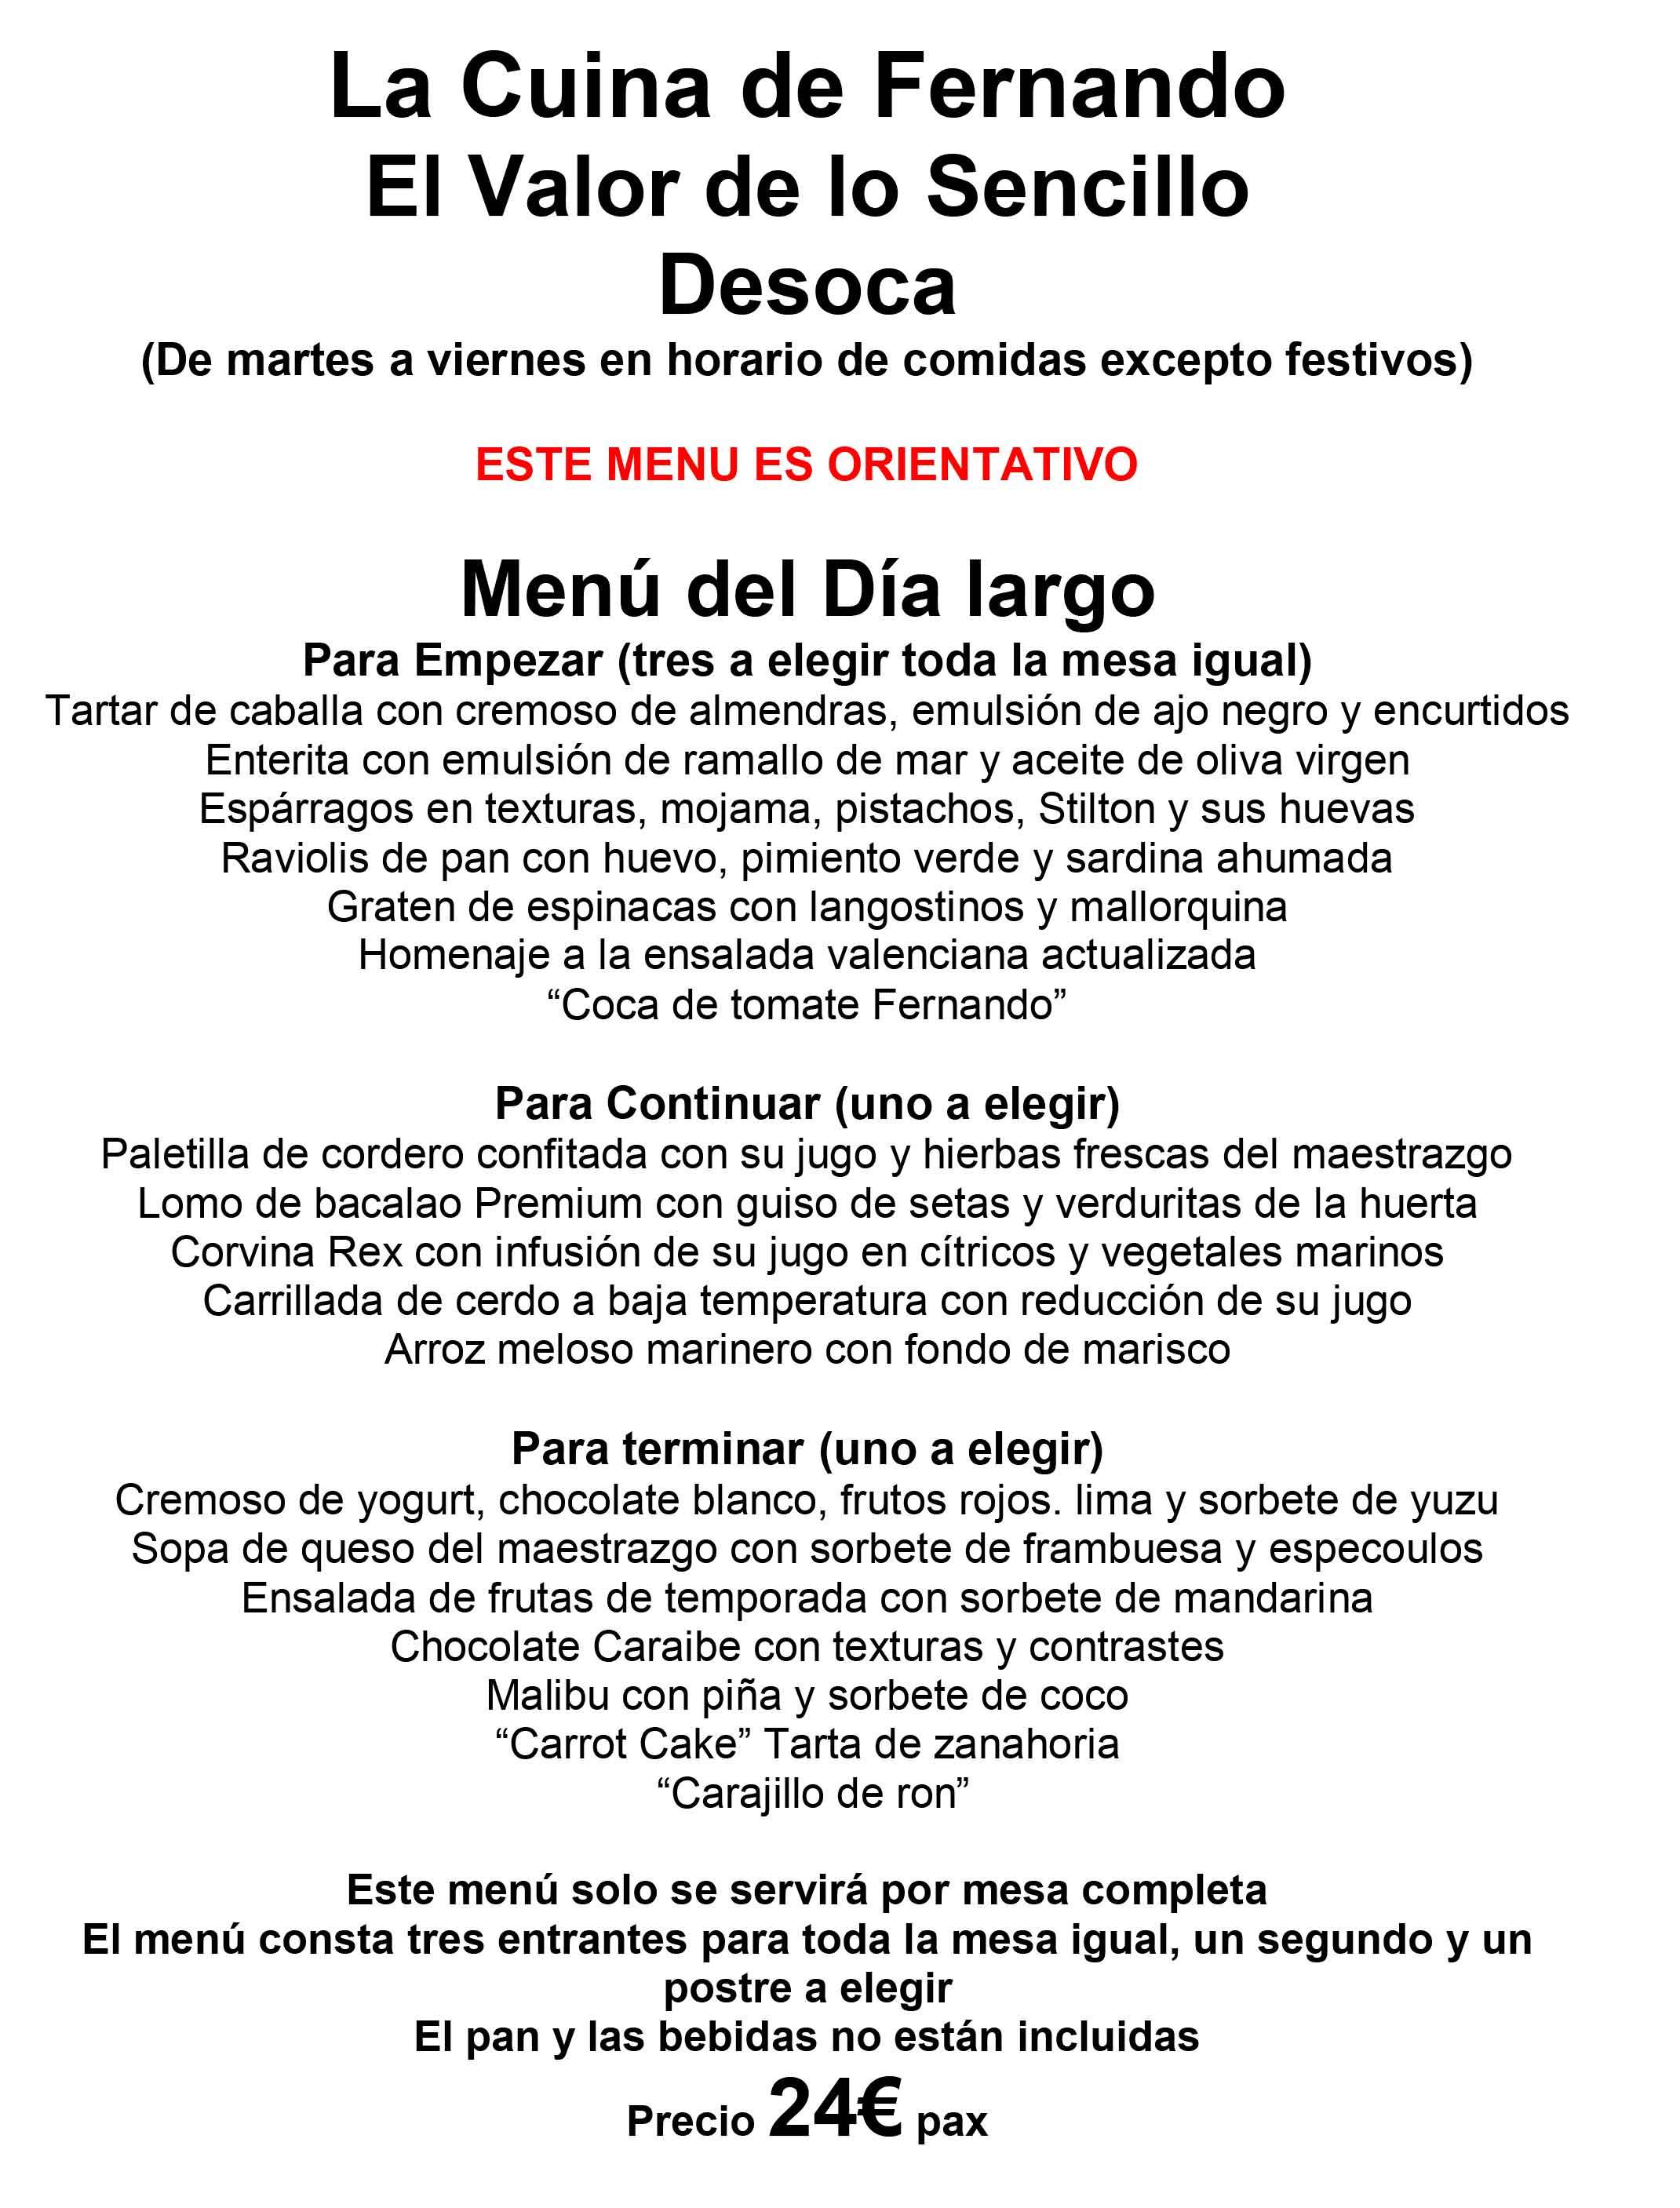 Menú del Día Largo - La Cuina de Fernando #Desoca Castellón